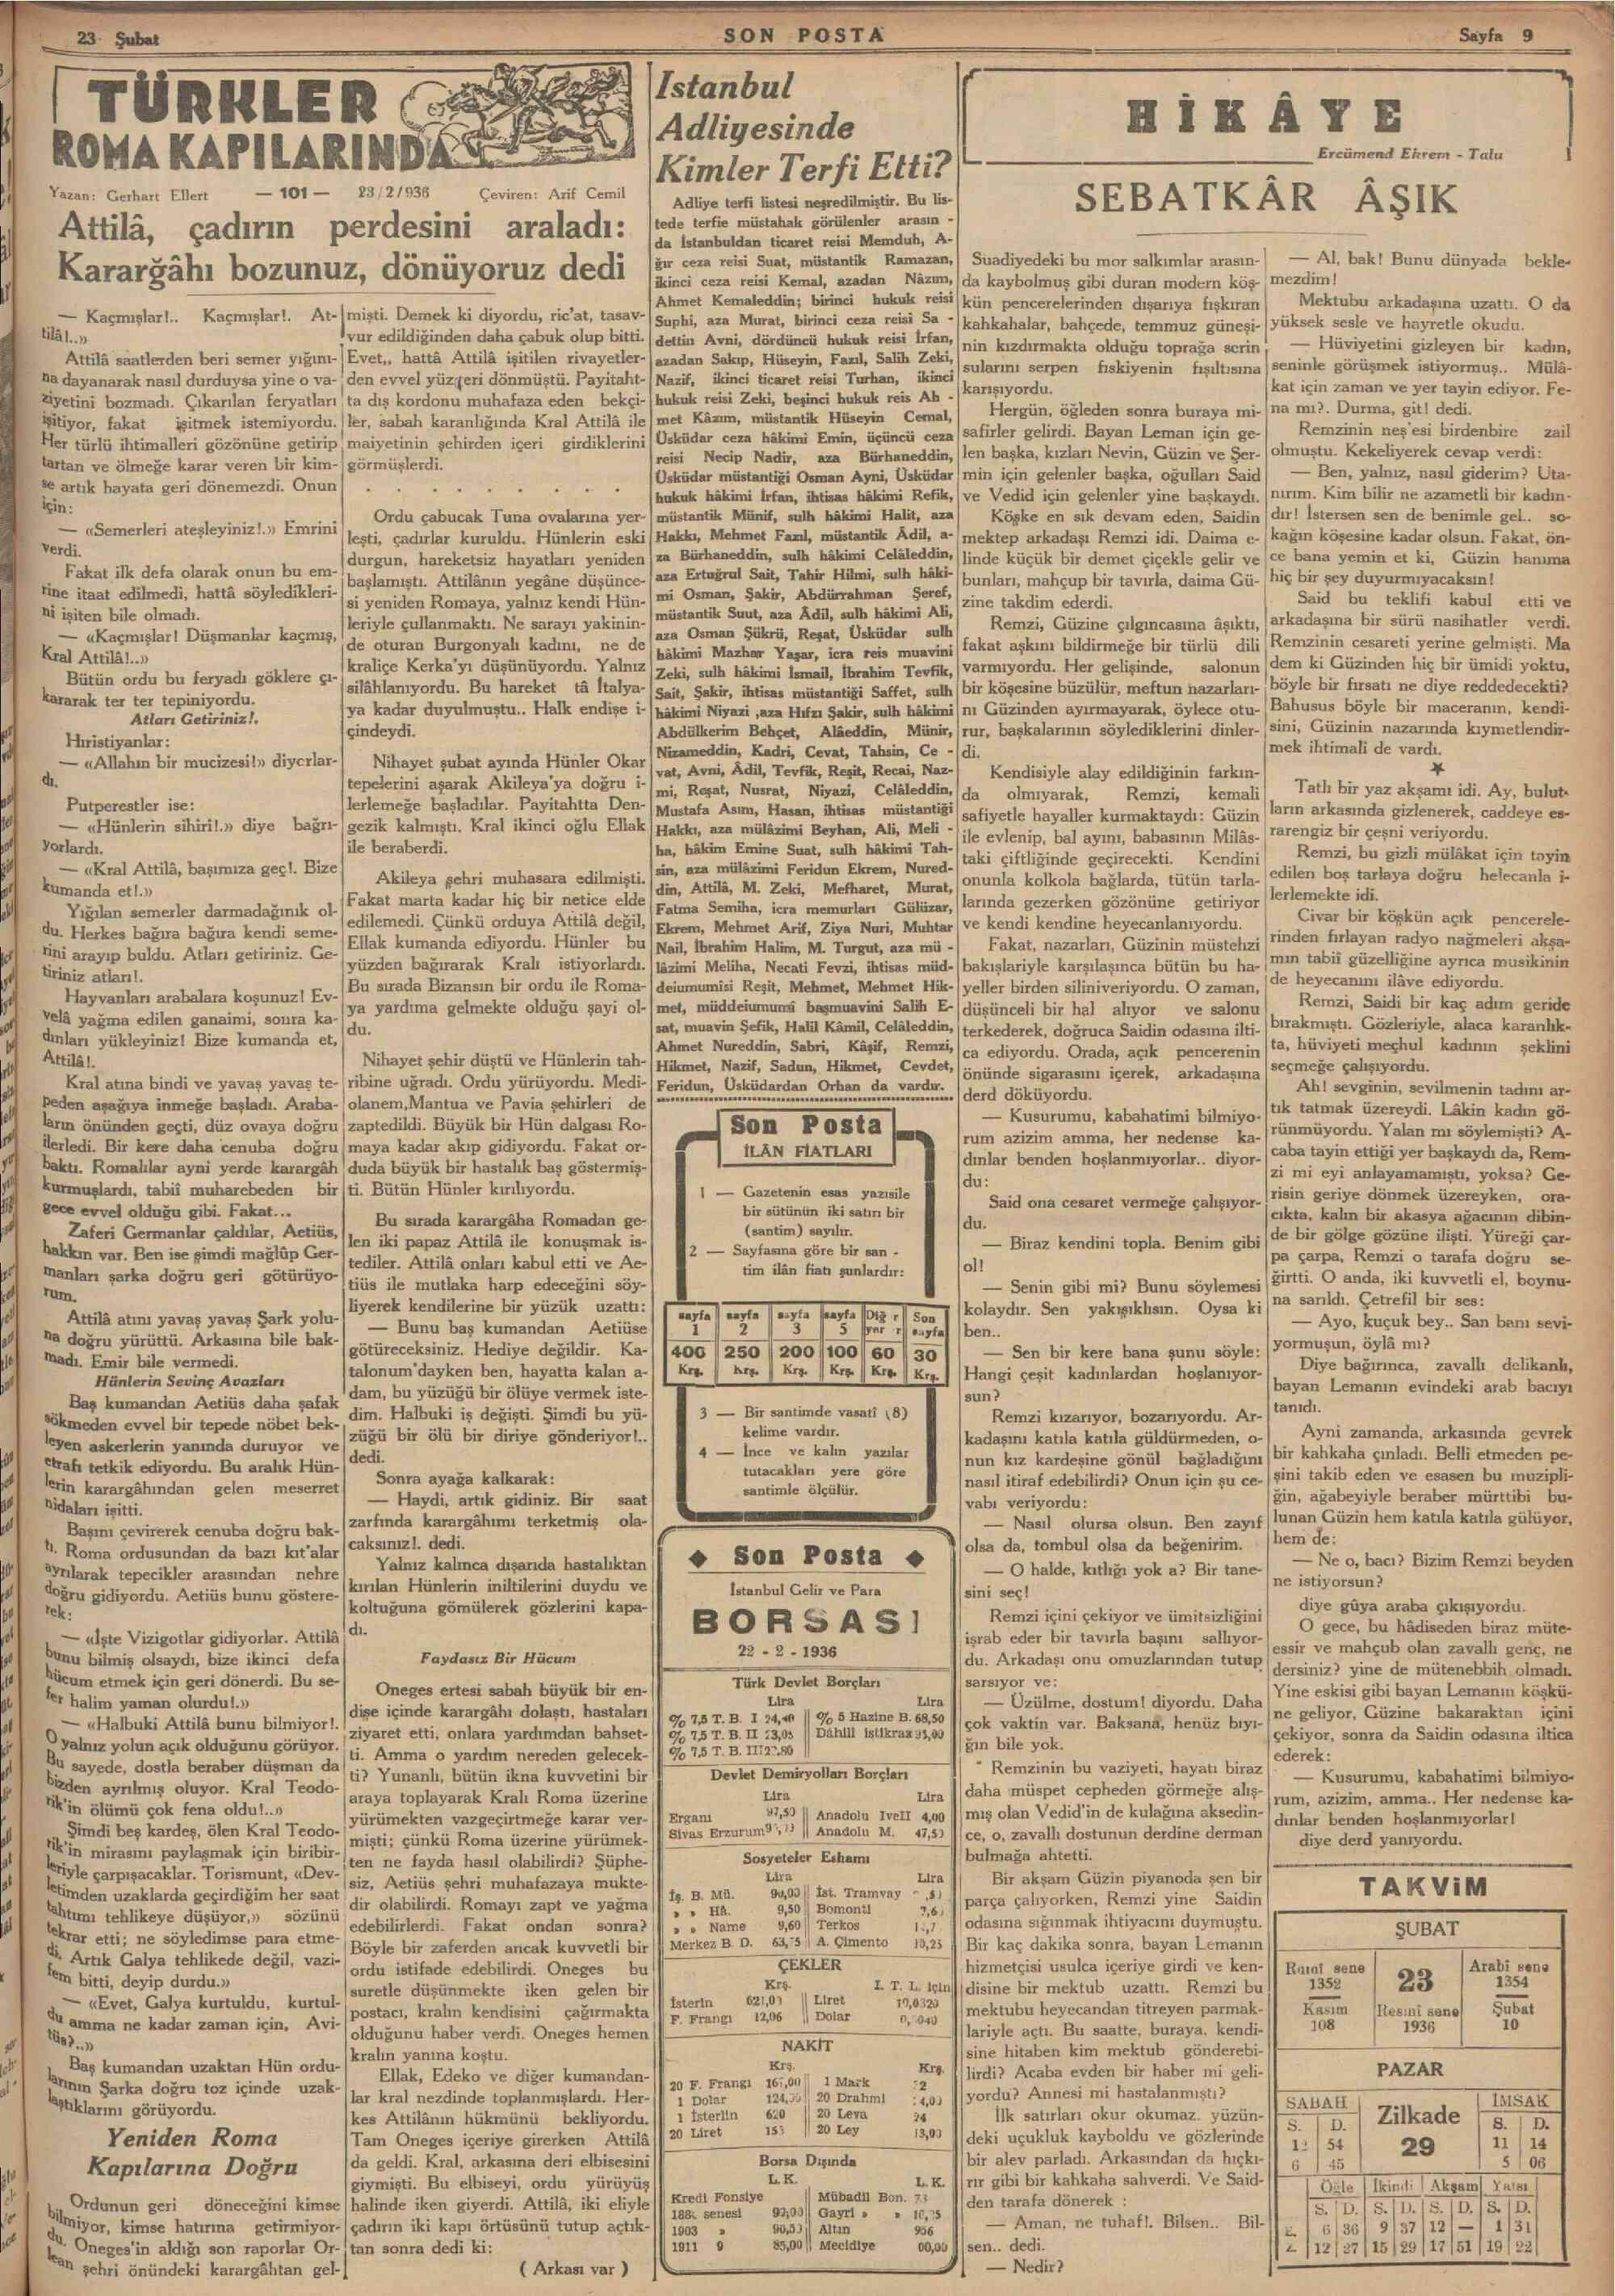 23 Şubat 1936 Tarihli Son Posta Gazetesi Sayfa 10